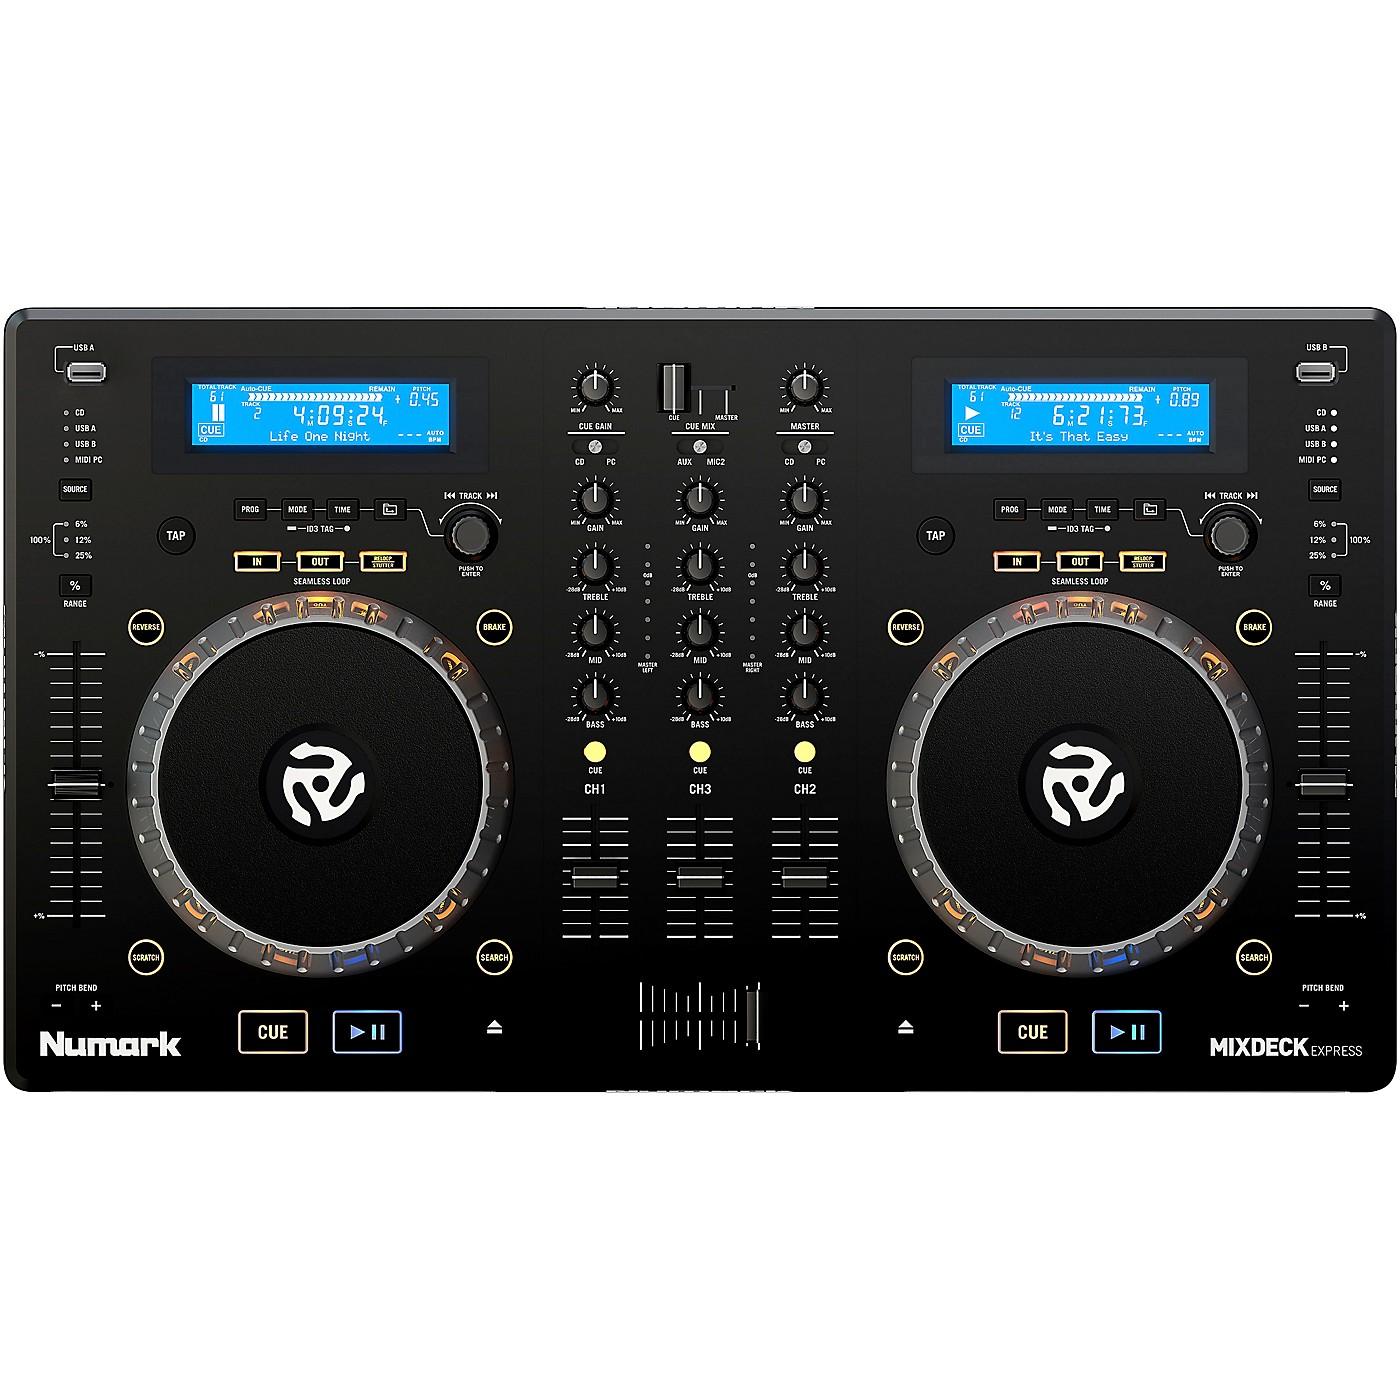 Numark MixDeck Express Premium DJ Controller thumbnail